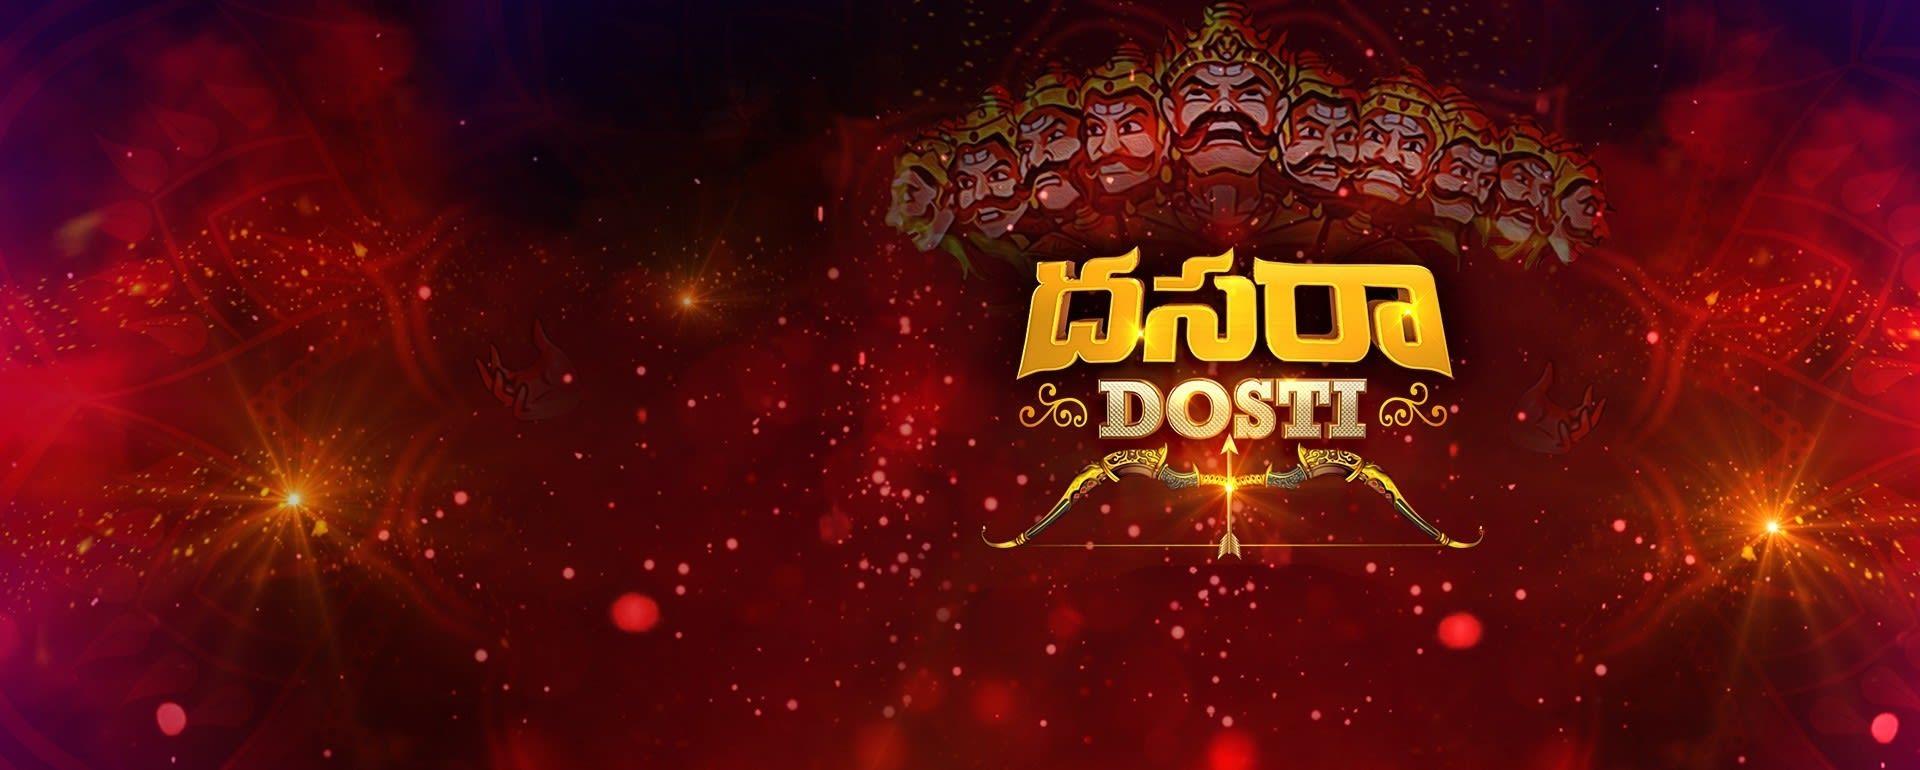 Dasara Dosti